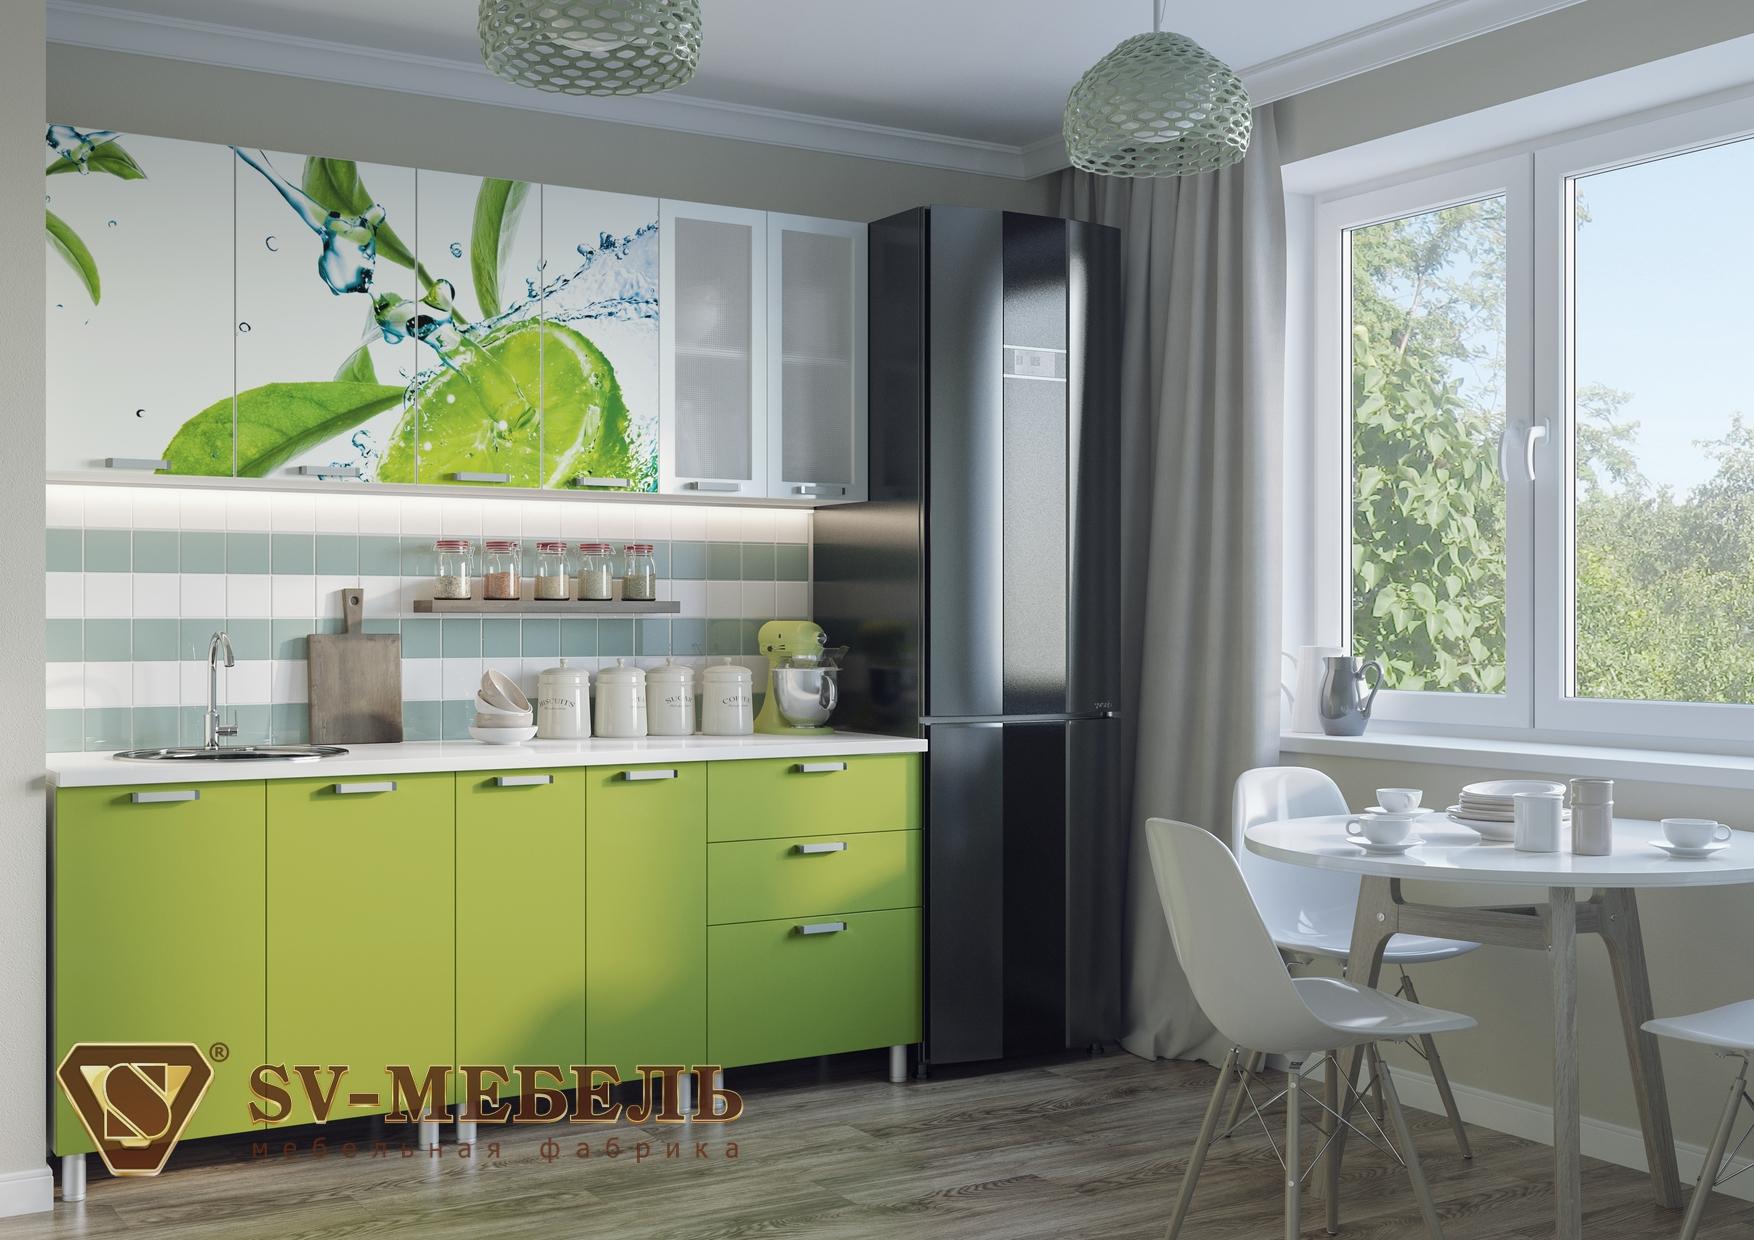 Кухонный гарнитур с фотопечатью (2 м)